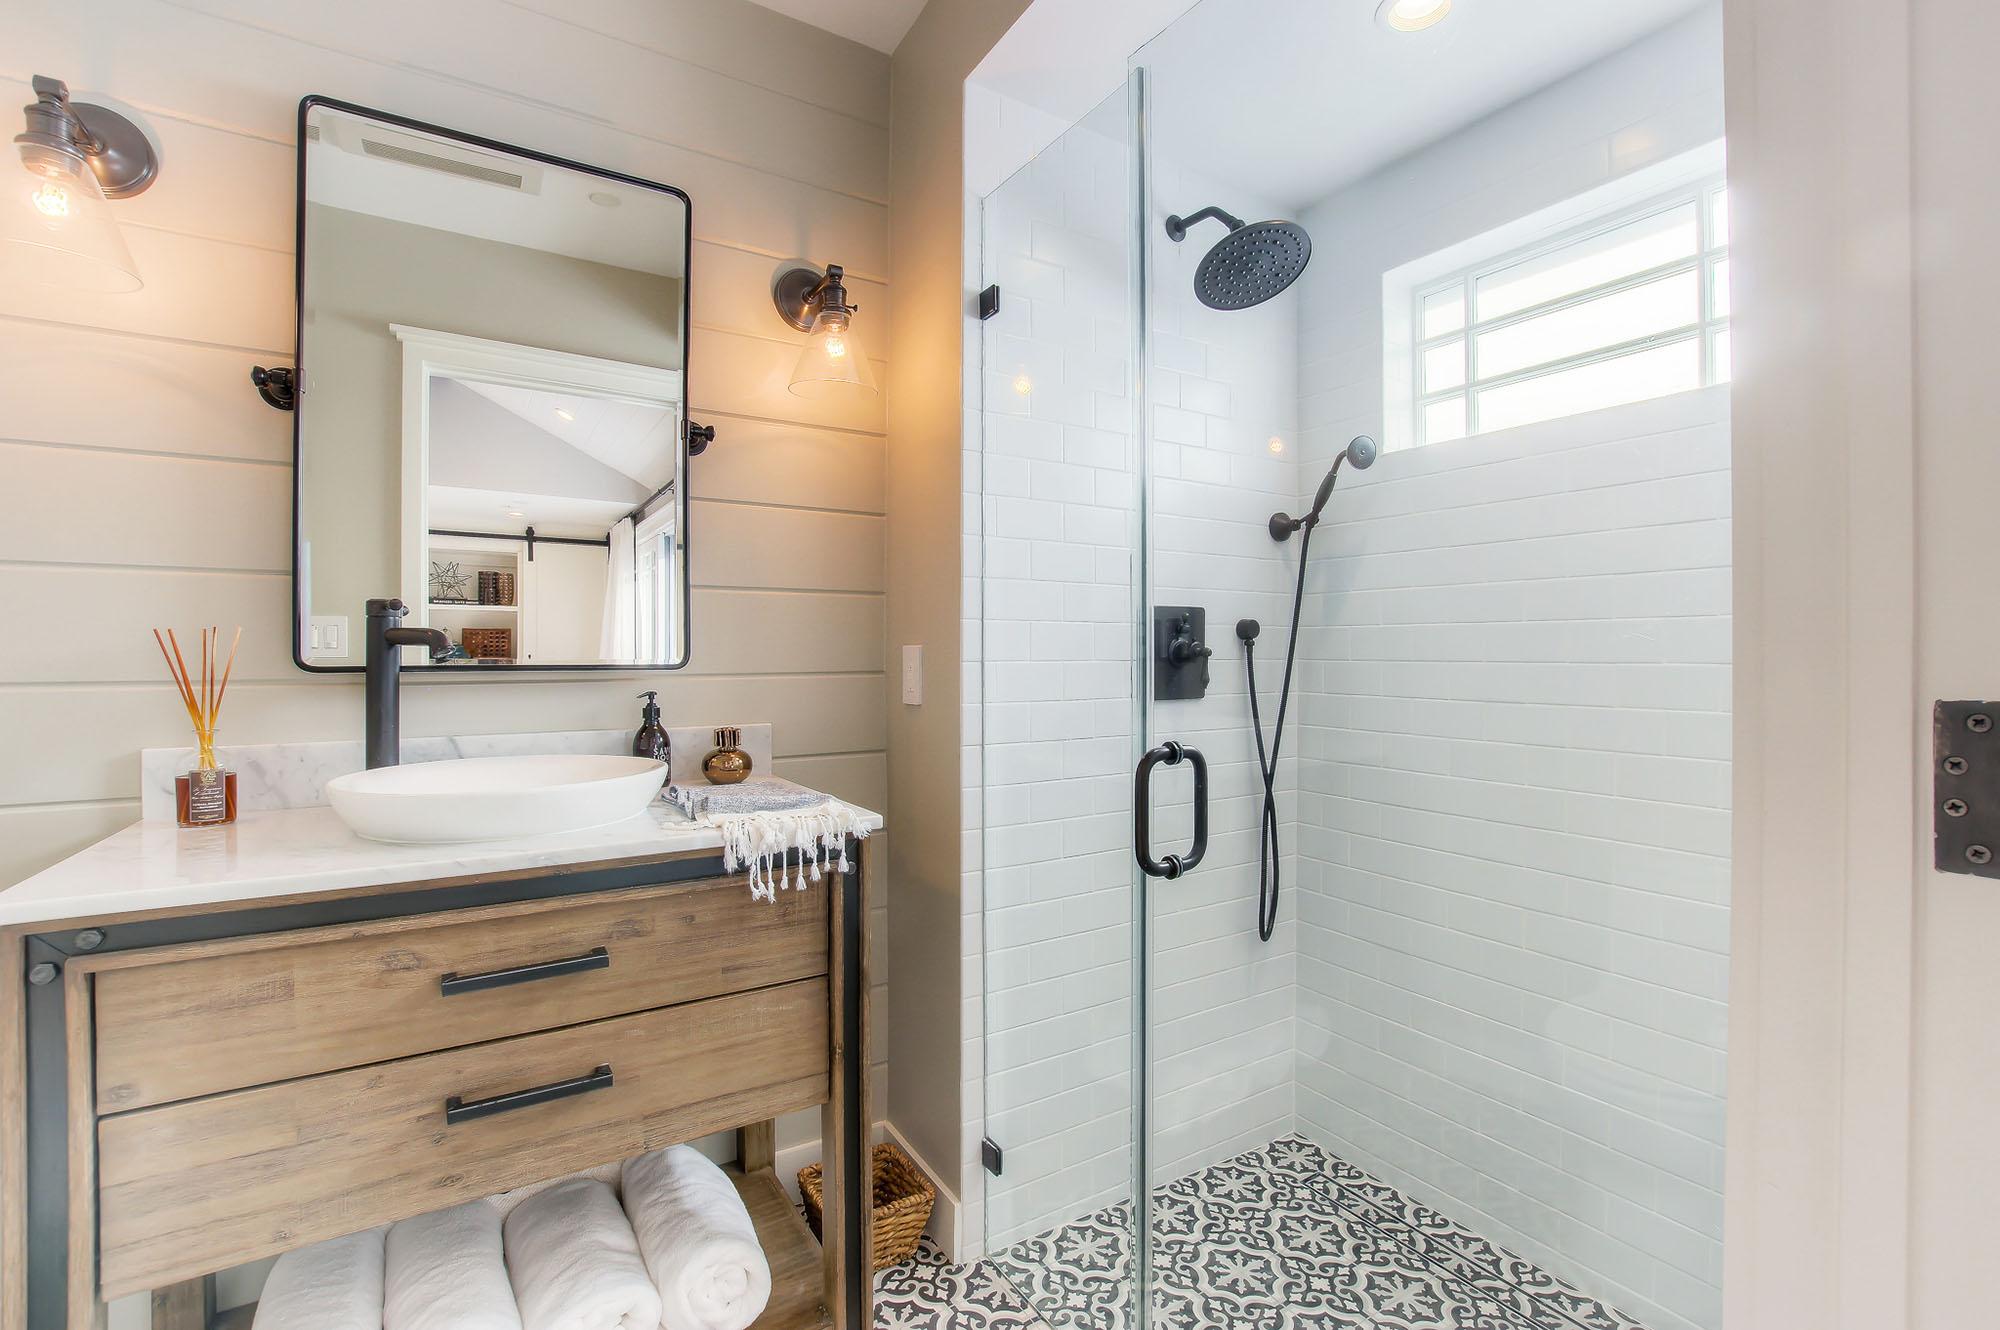 rustic_chic_bathroom_remodel_opt.jpg